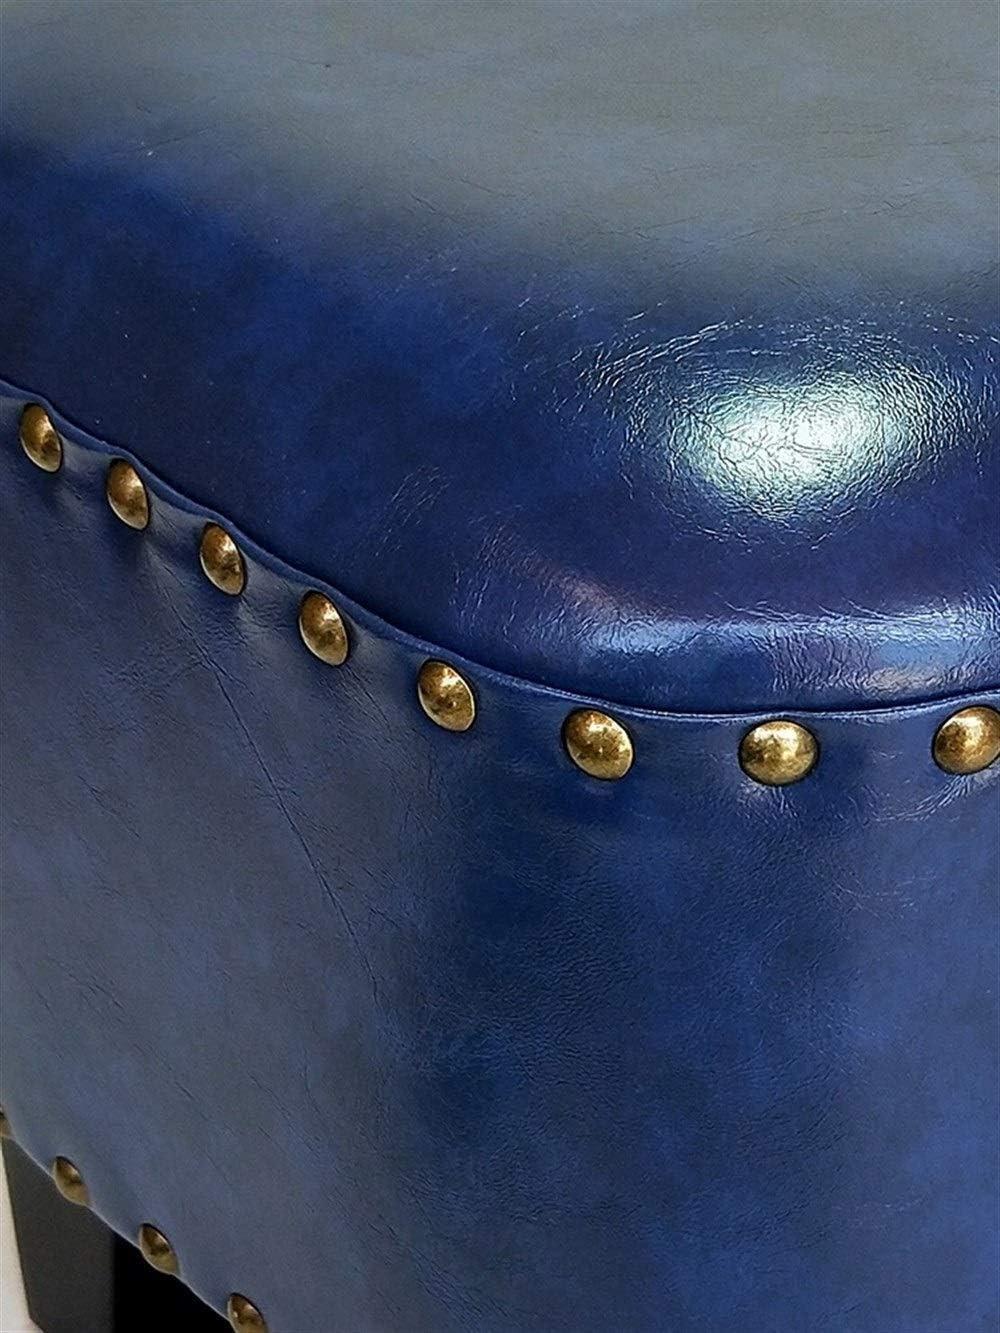 LONGren Osman canapé Banquette légère Chaussure rembourrée Confortable Tabouret de Maquillage Coussin Salon Chambre Petite Chaise / 11.8x11.8inches (Color : Style7) Style4